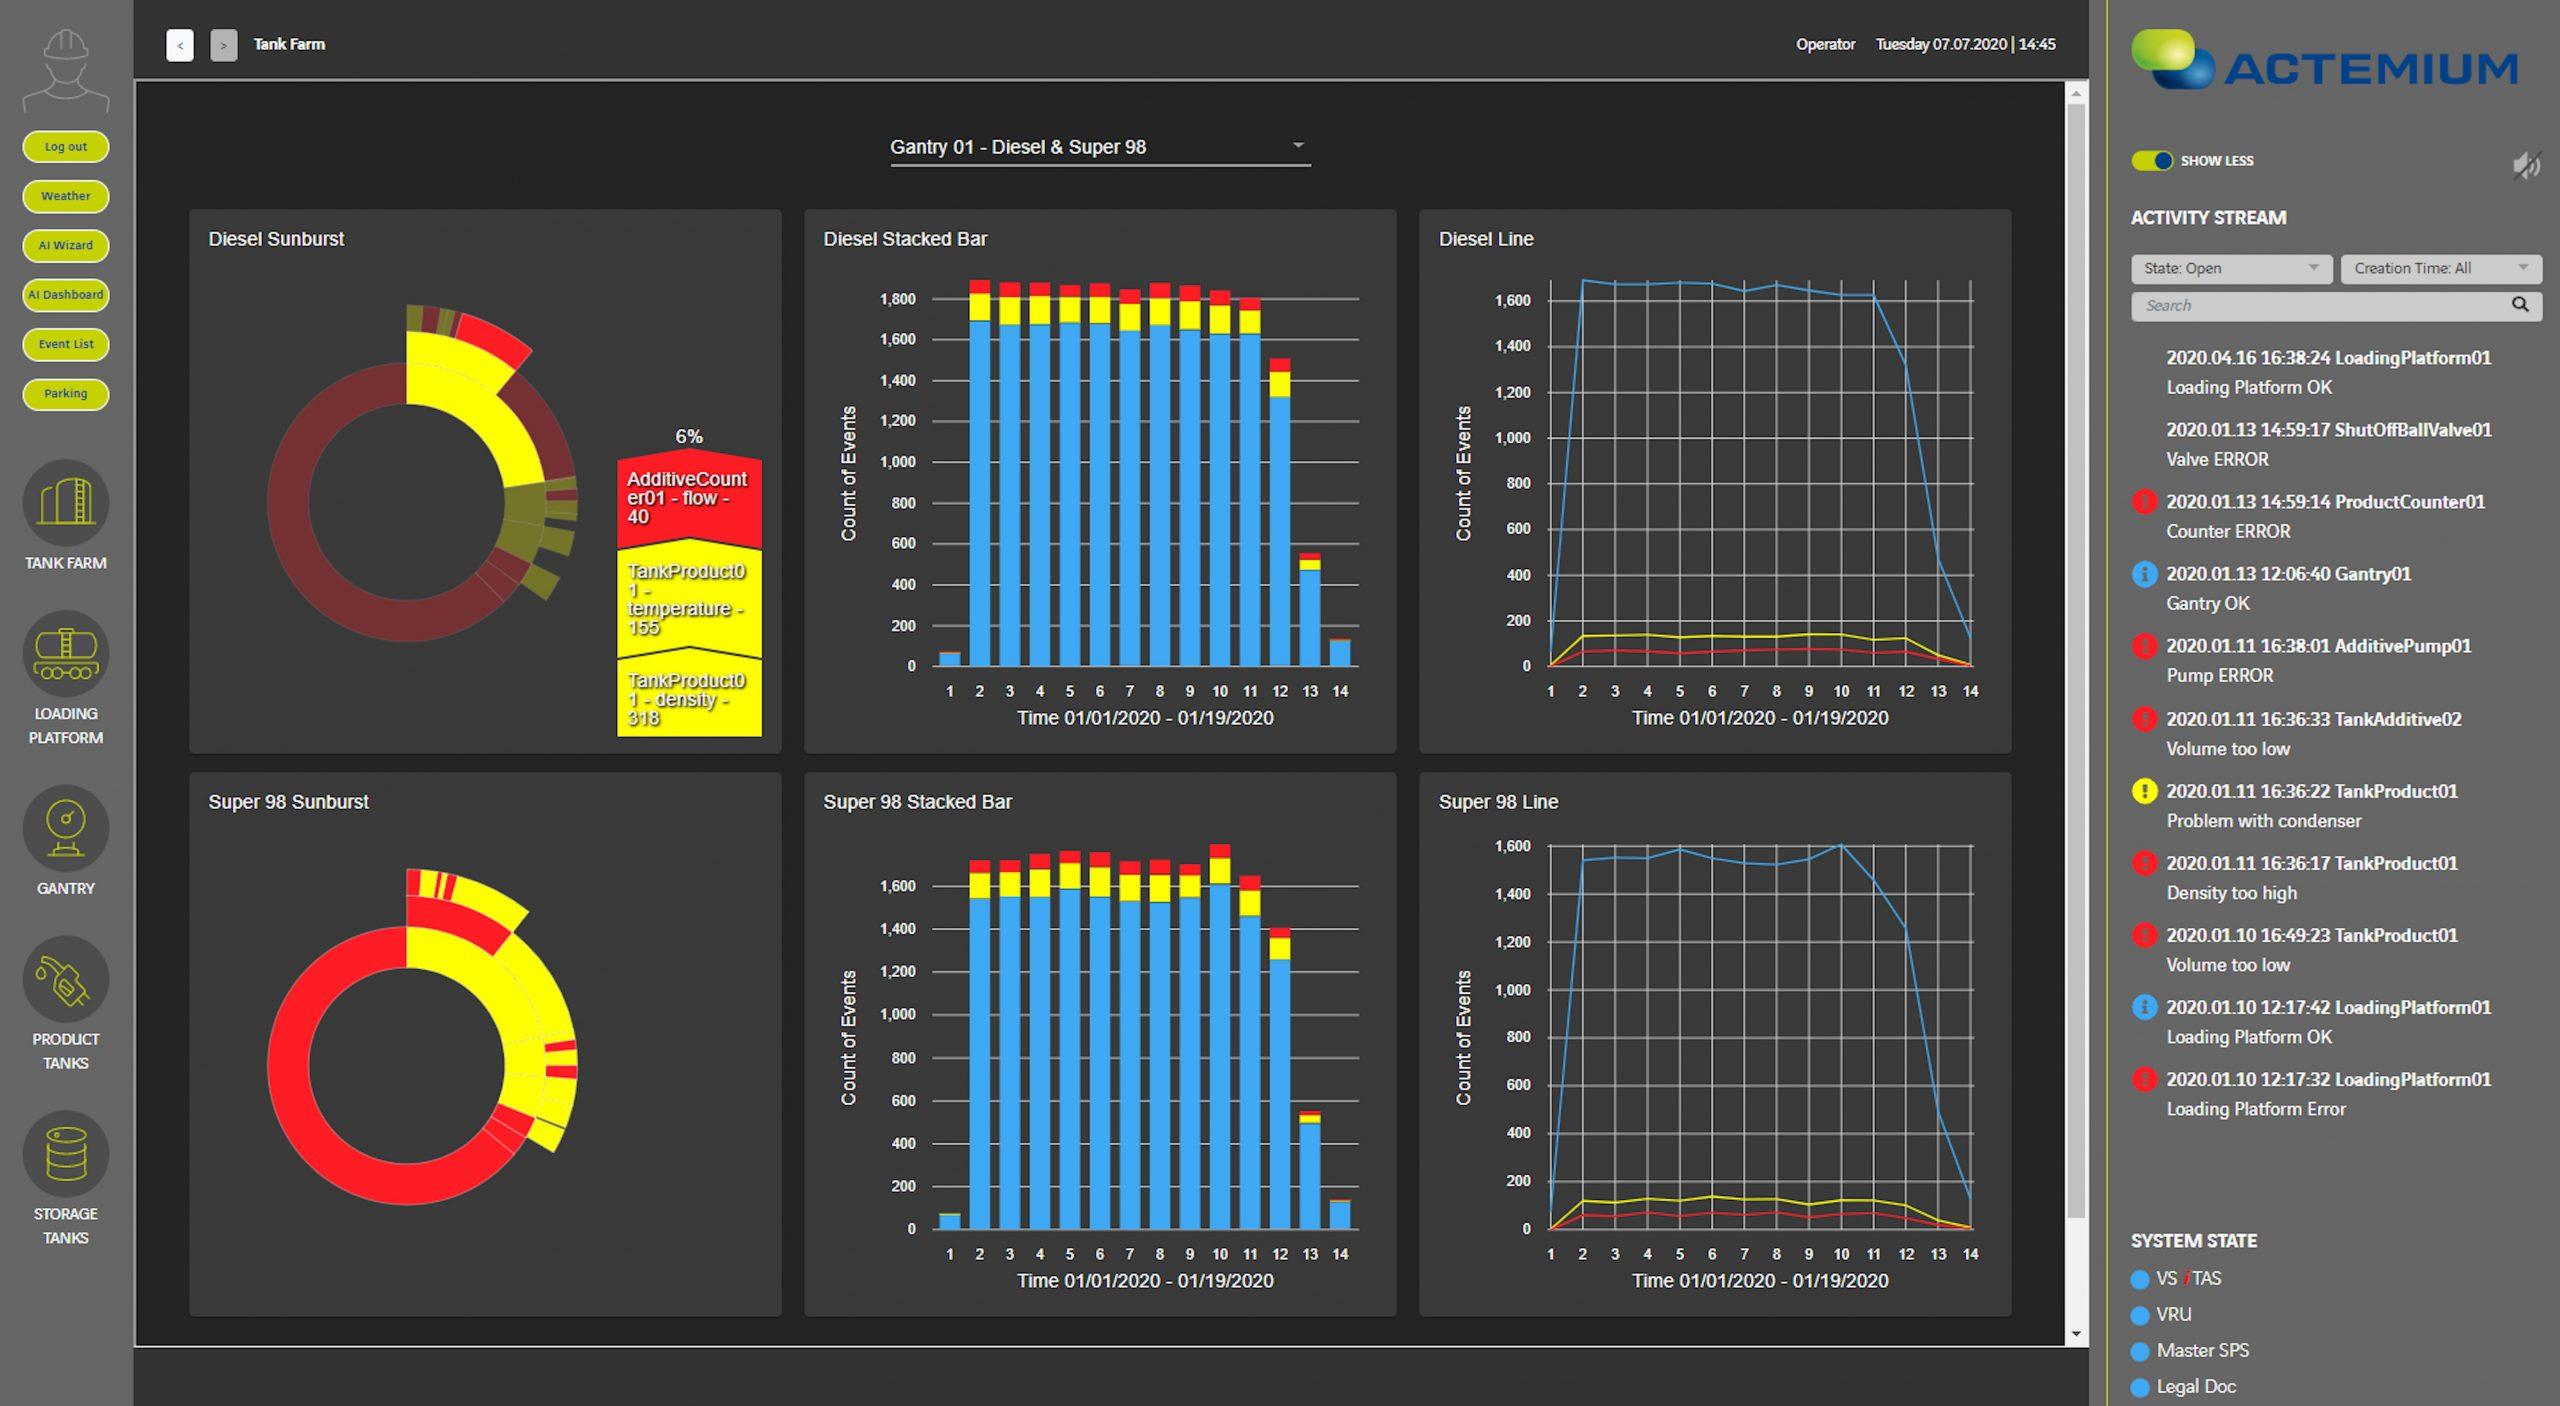 Ähnlich wie bei Scada-Lösungen hängt die Betriebssicherheit und der Nutzen der Applikation auch maßgeblich vom Aufbau der Human Machine Interfaces (HMI) ab. Bei Solution X wird das etwa über rollenspezifisch zusammengestellte Dashboards gelöst. (Bild: Actemium)